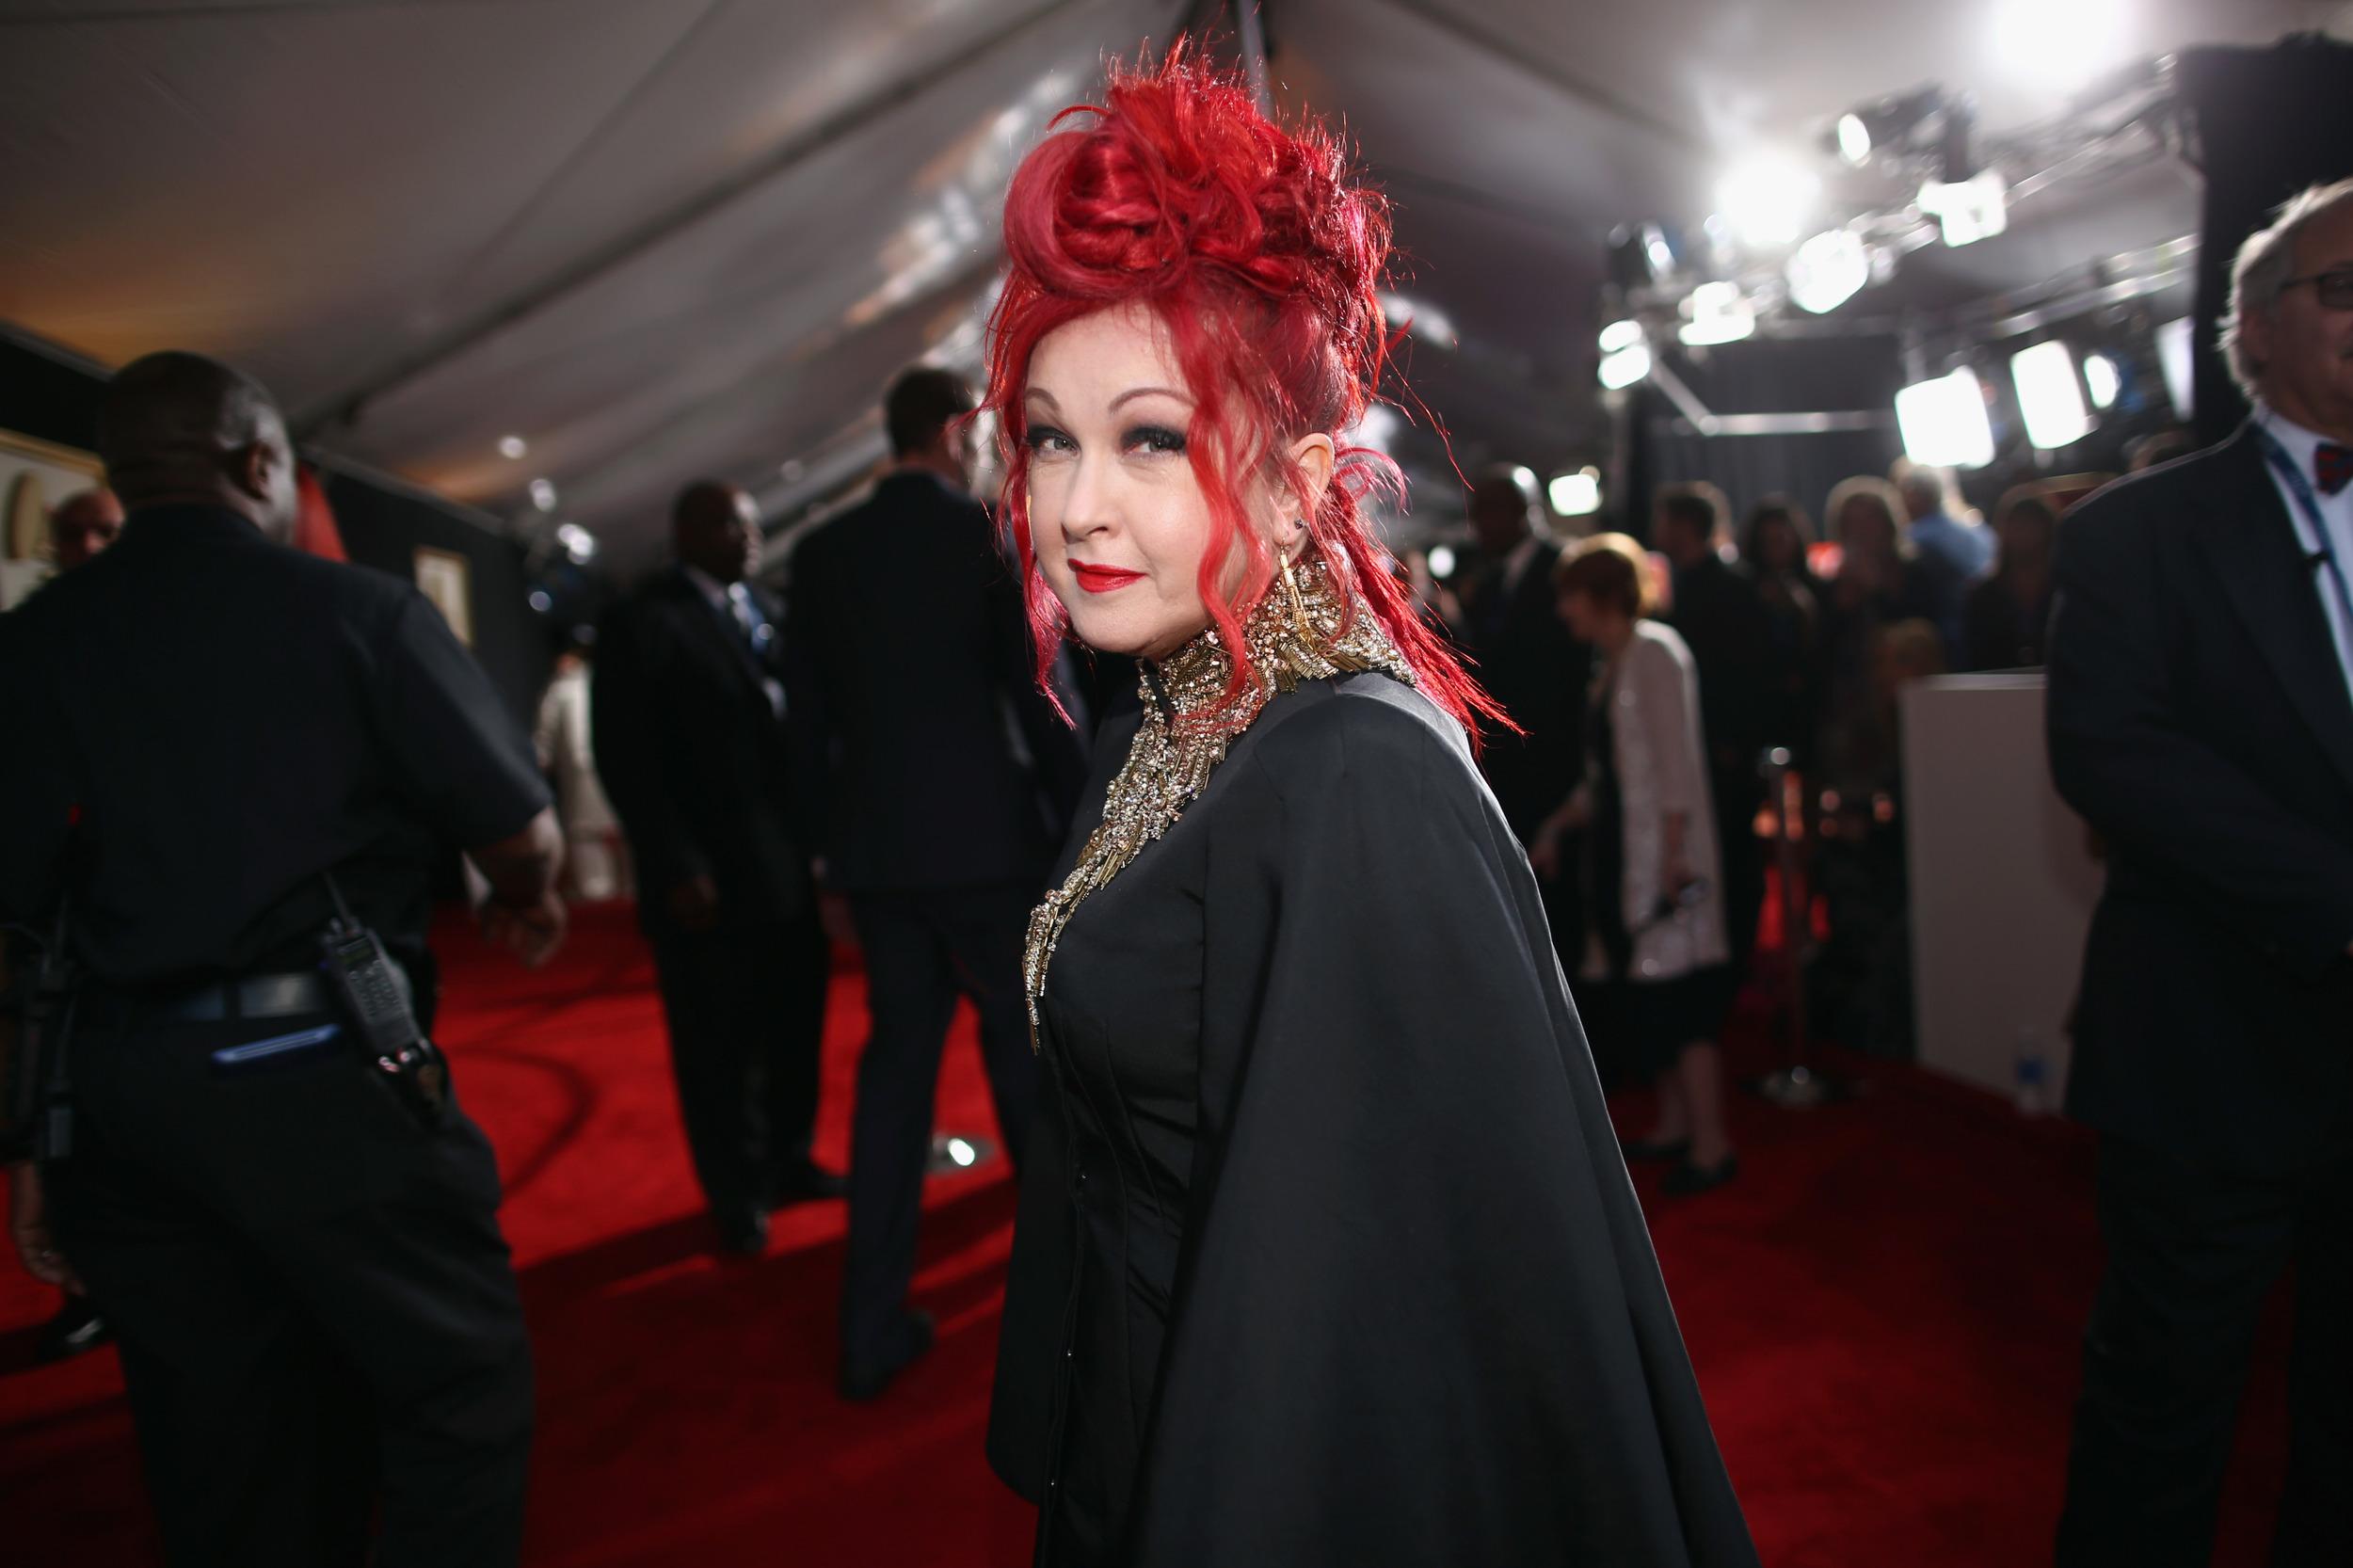 Cyndi Lauper capelli rosso fuoco